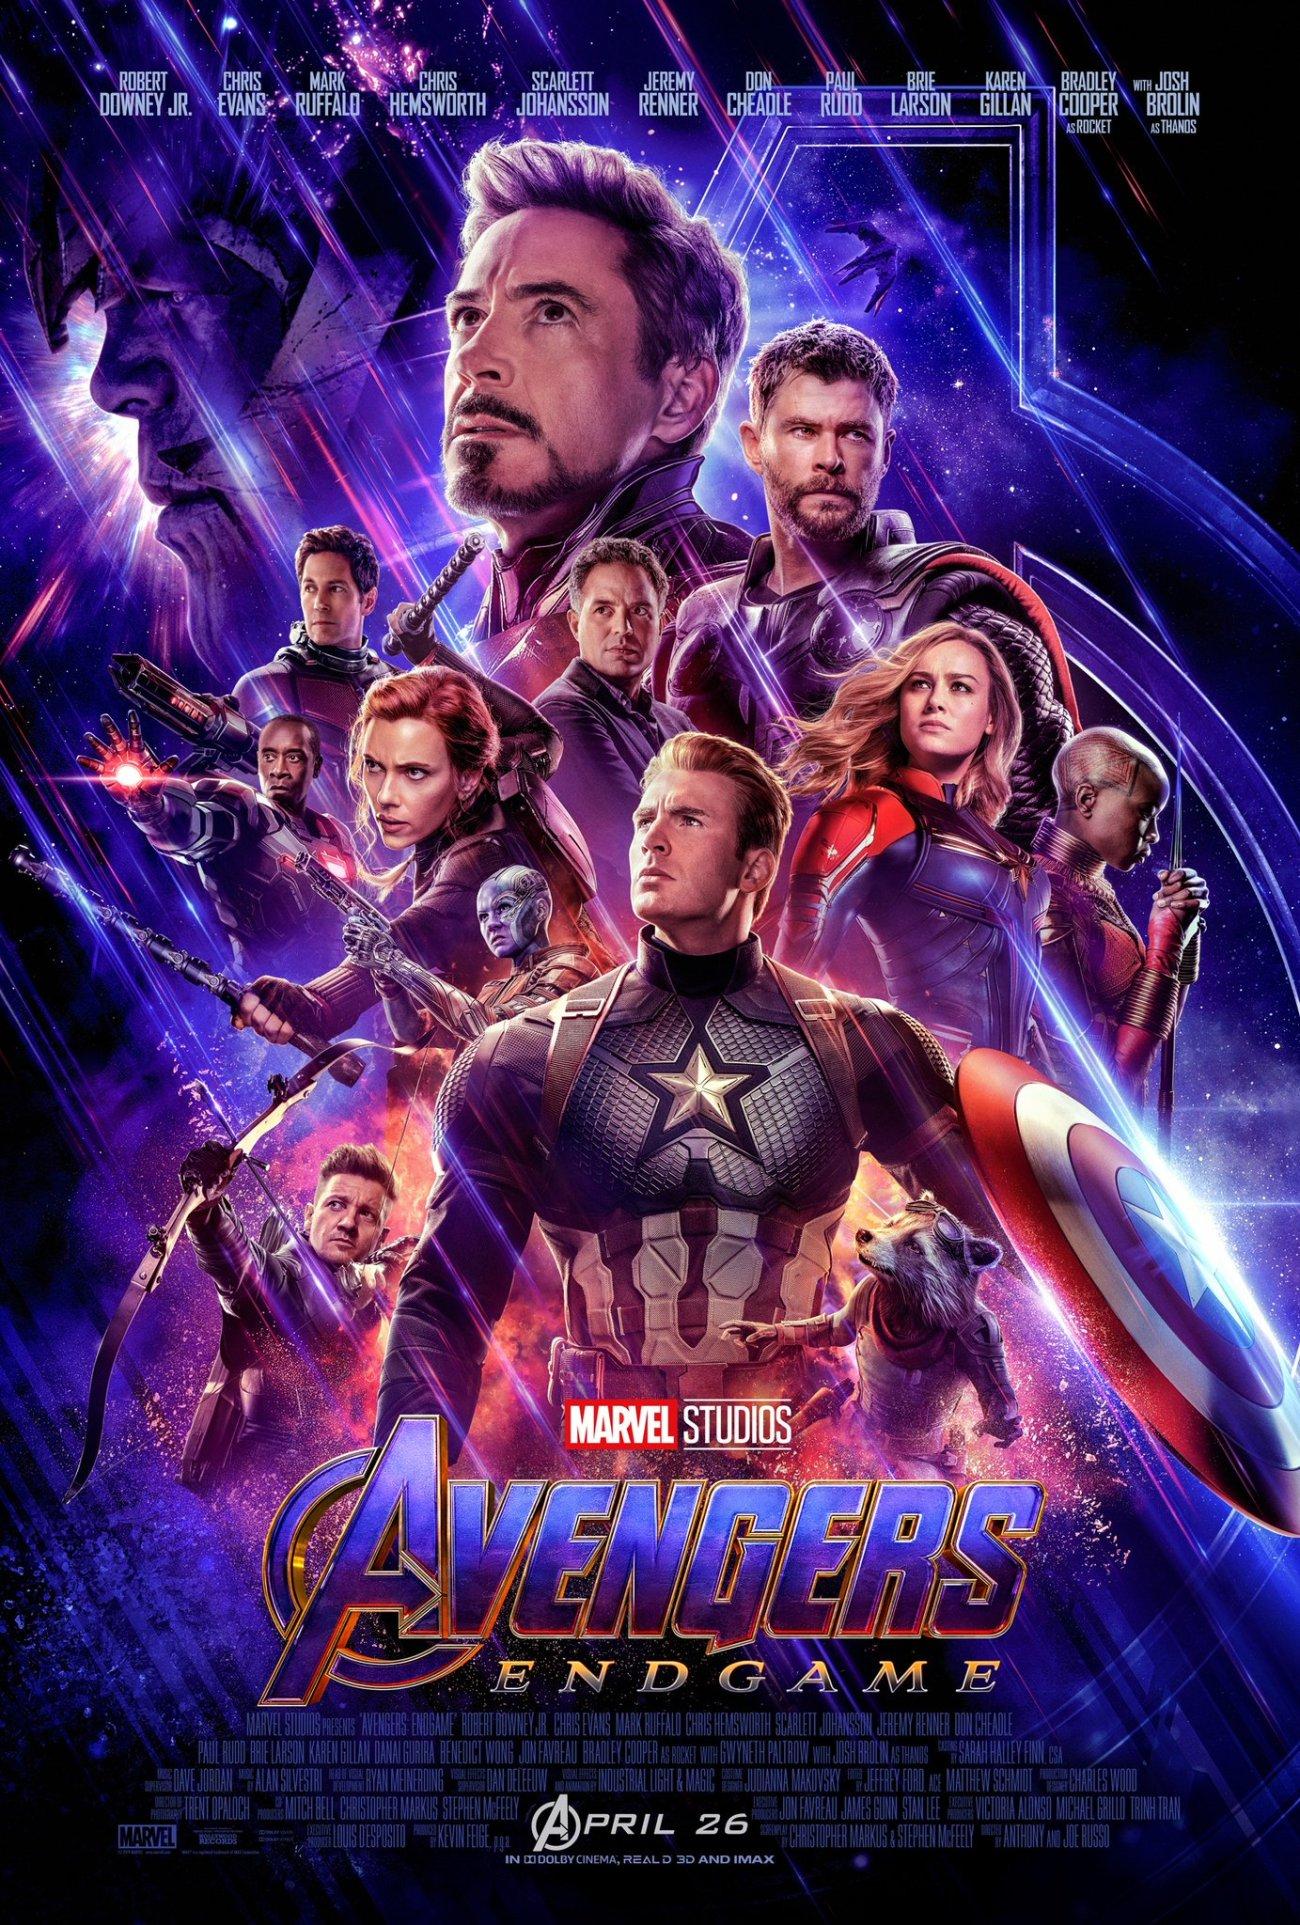 Póster de Avengers: Endgame (2019). Imagen: The Avengers Twitter (@Avengers).